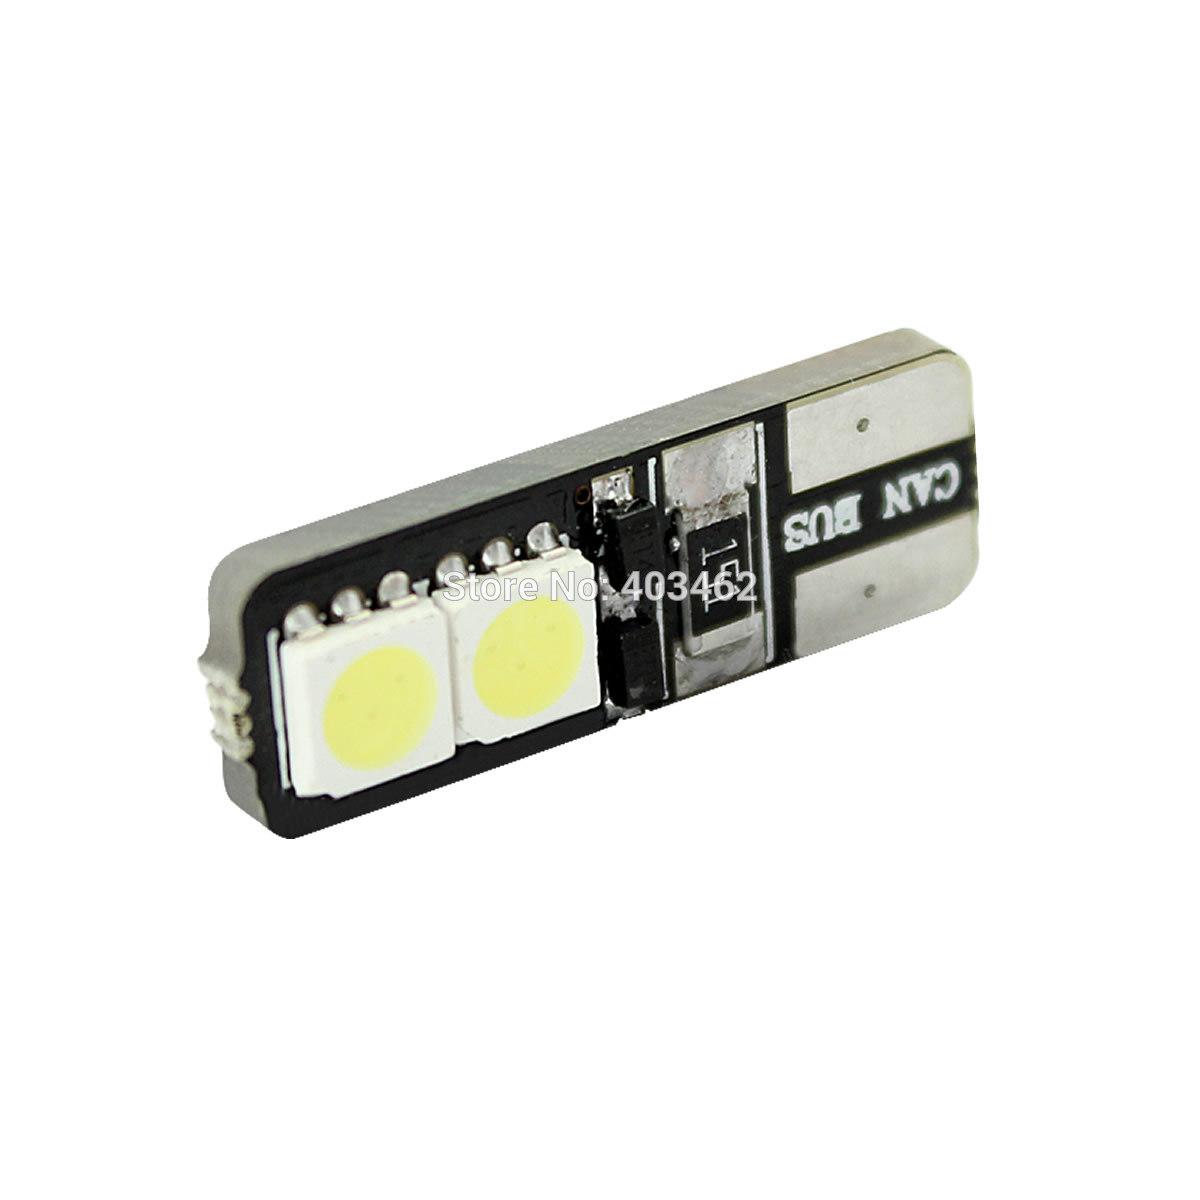 Источник света для авто Junce T10 4/smd 5050 CANBUS источник света для авто eco fri led 4pcs t10 501 w5w canbus 4 5050 smd 1 cree